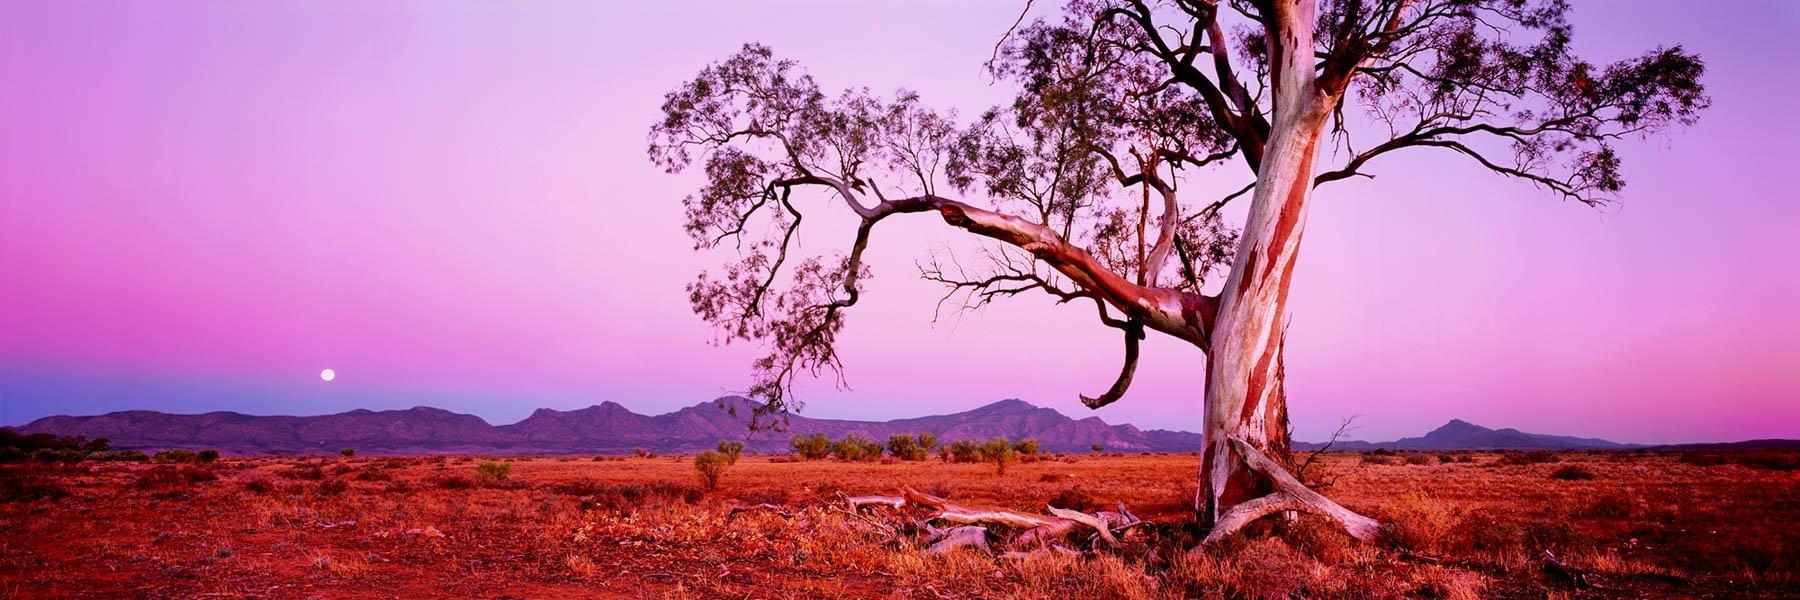 Pastel twilight glow over Flinders Ranges, SA, Australia.